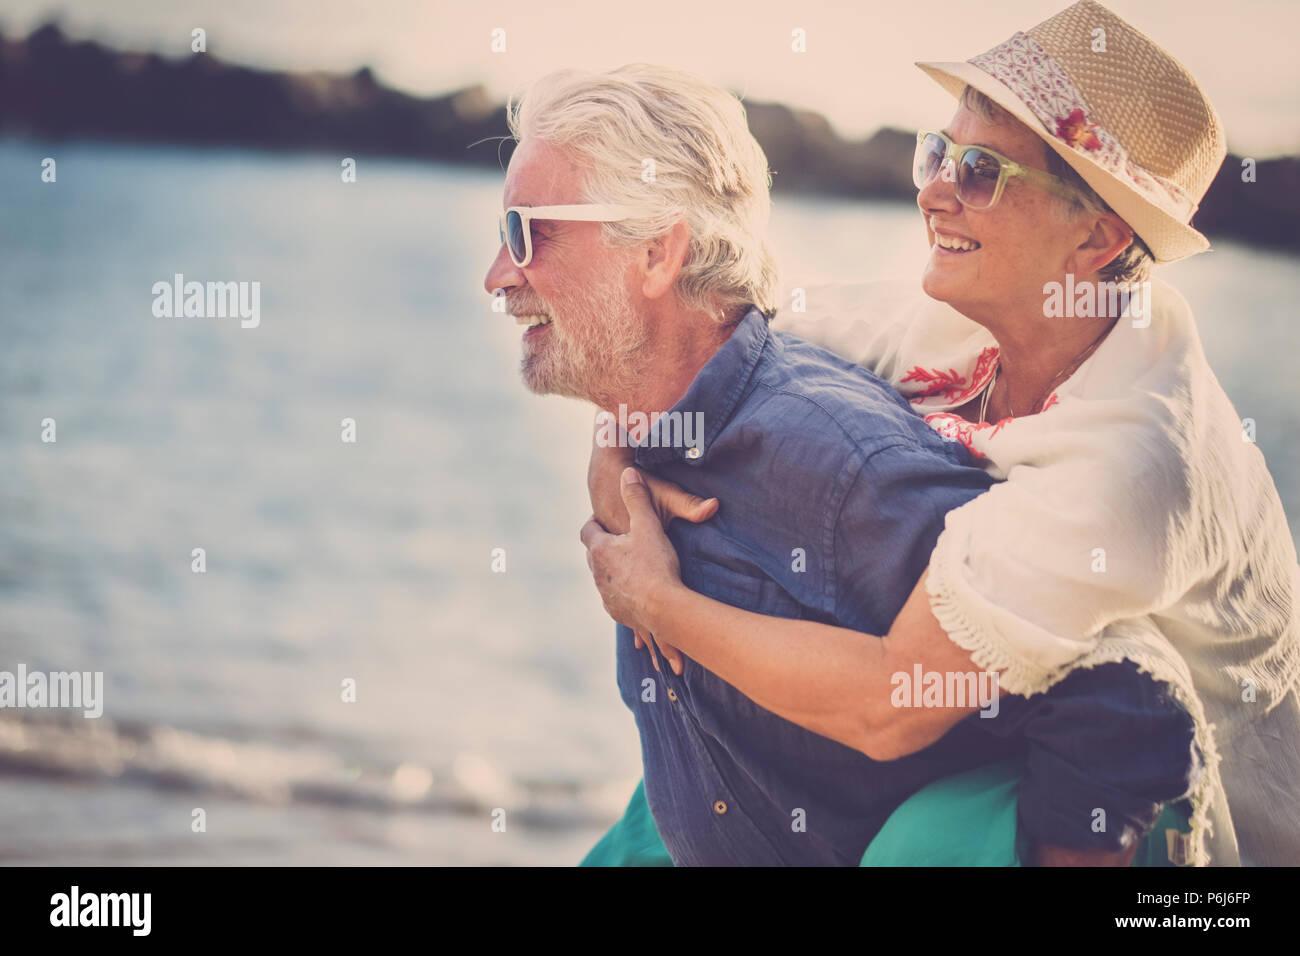 Gerne älteres Paar Spaß haben und Outdoor Freizeitaktivitäten Aktivität am Strand genießen. der Mann die Frau auf seinem Rücken zusammen, ein pensionierter lifestyl genießen Stockfoto